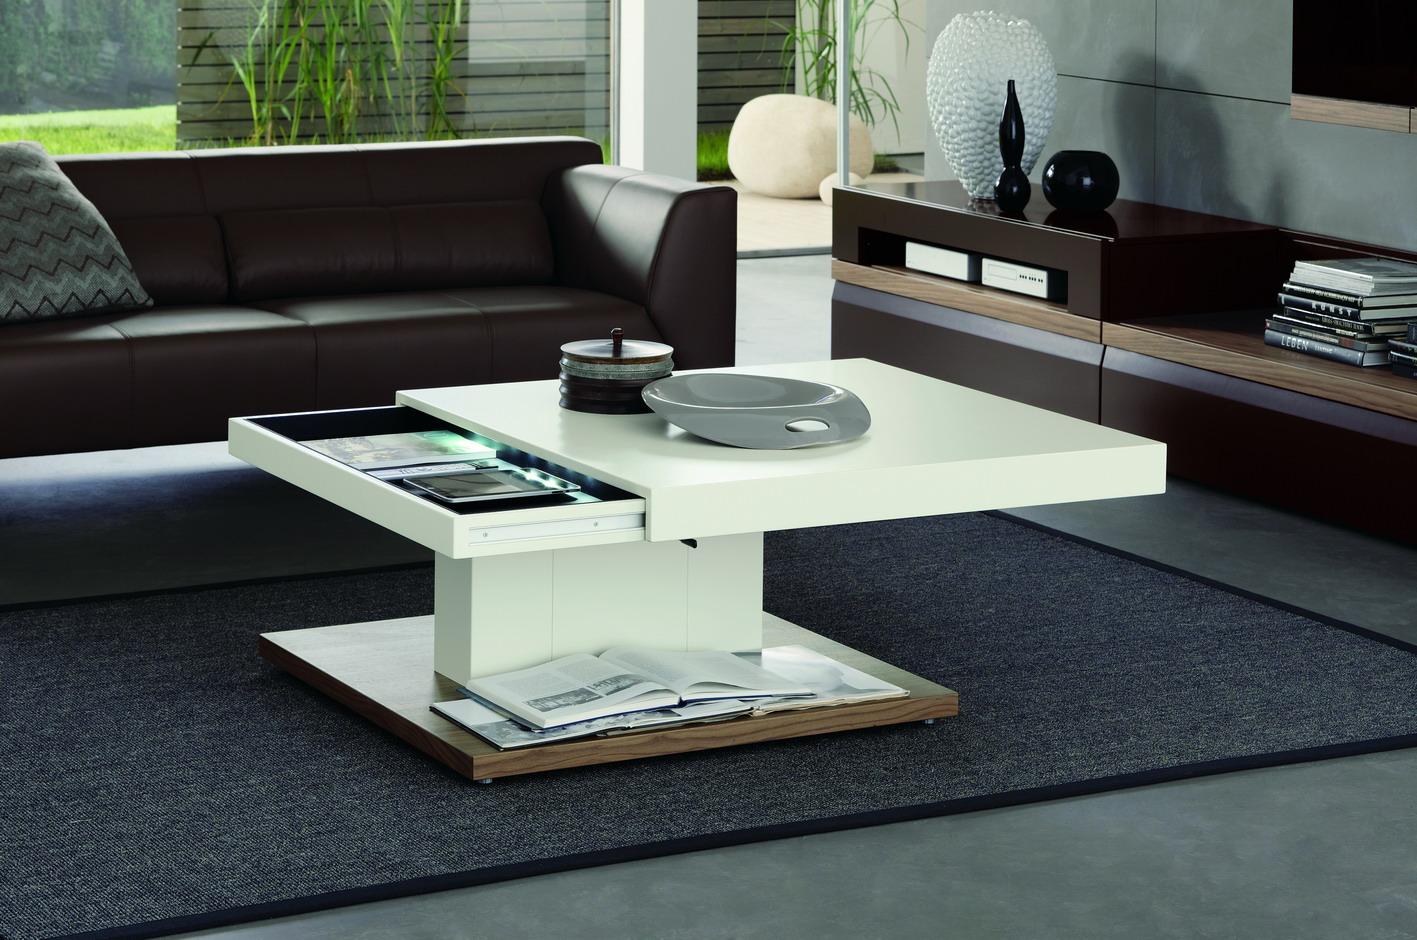 seversk elegance m dn trendy pro eny. Black Bedroom Furniture Sets. Home Design Ideas